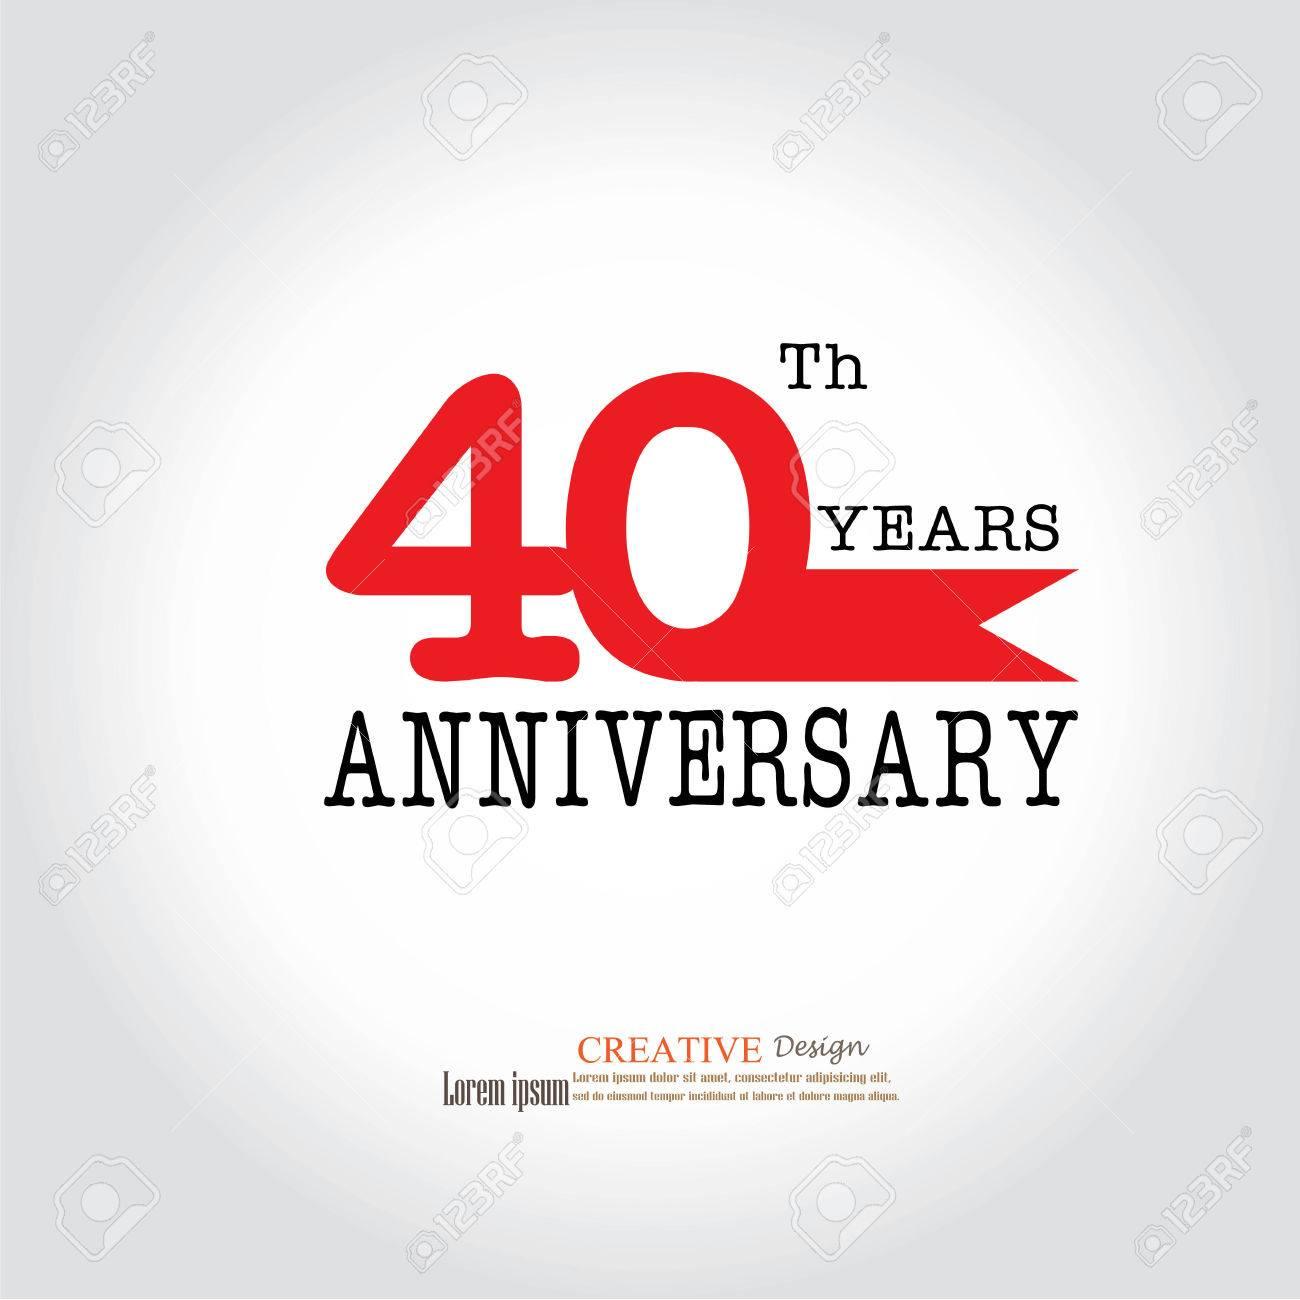 Template Logo 40th Anniversary. 40 Years Anniversary Logo